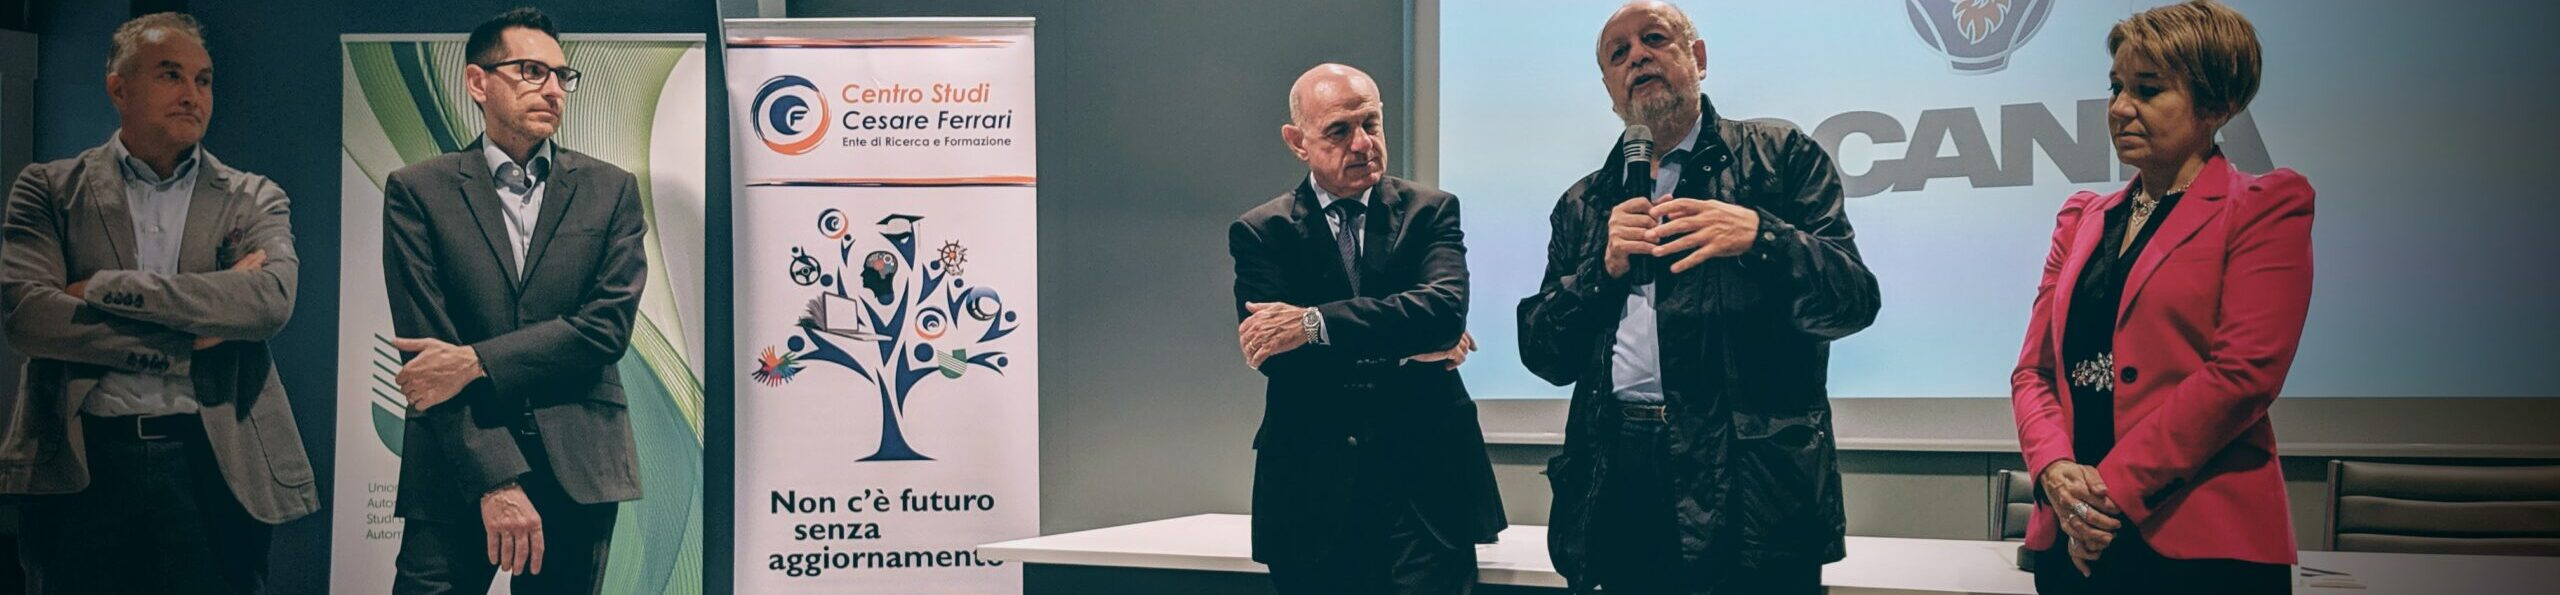 UNASCA Formazione Centro Studi Cesare Ferrari